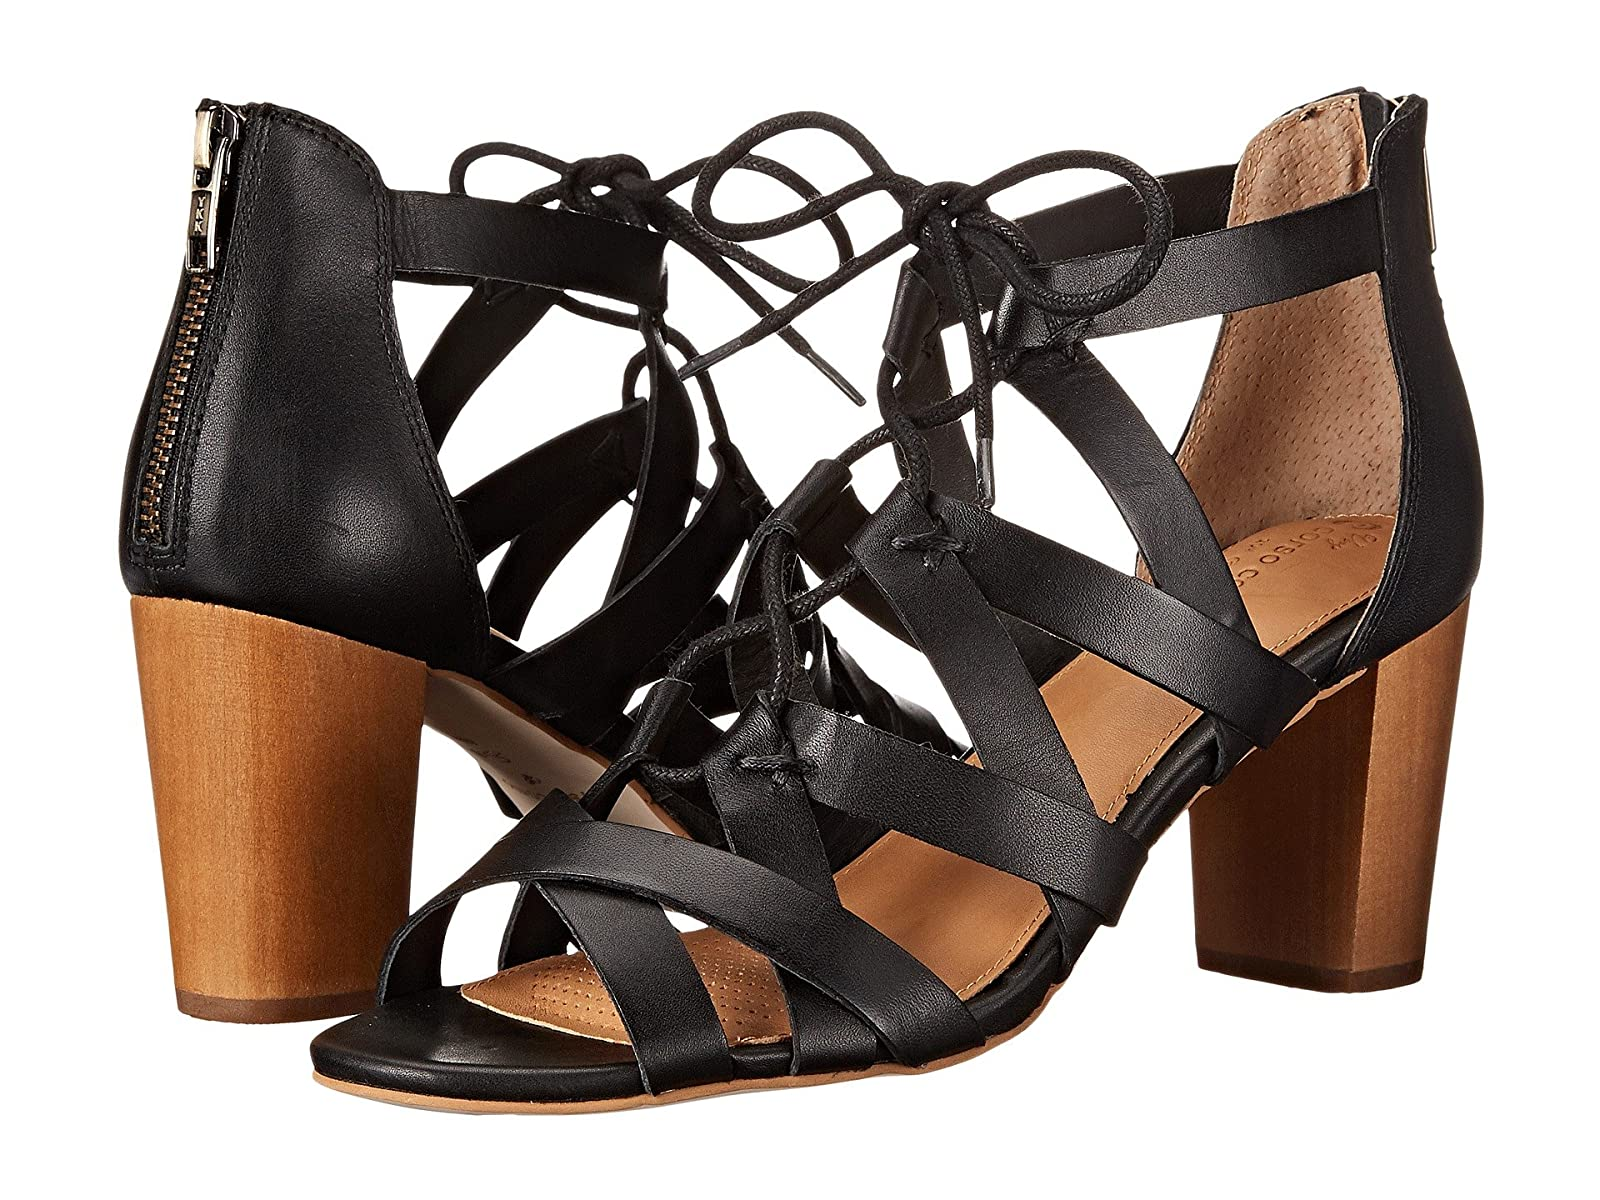 CC Corso Como GorgiCheap and distinctive eye-catching shoes